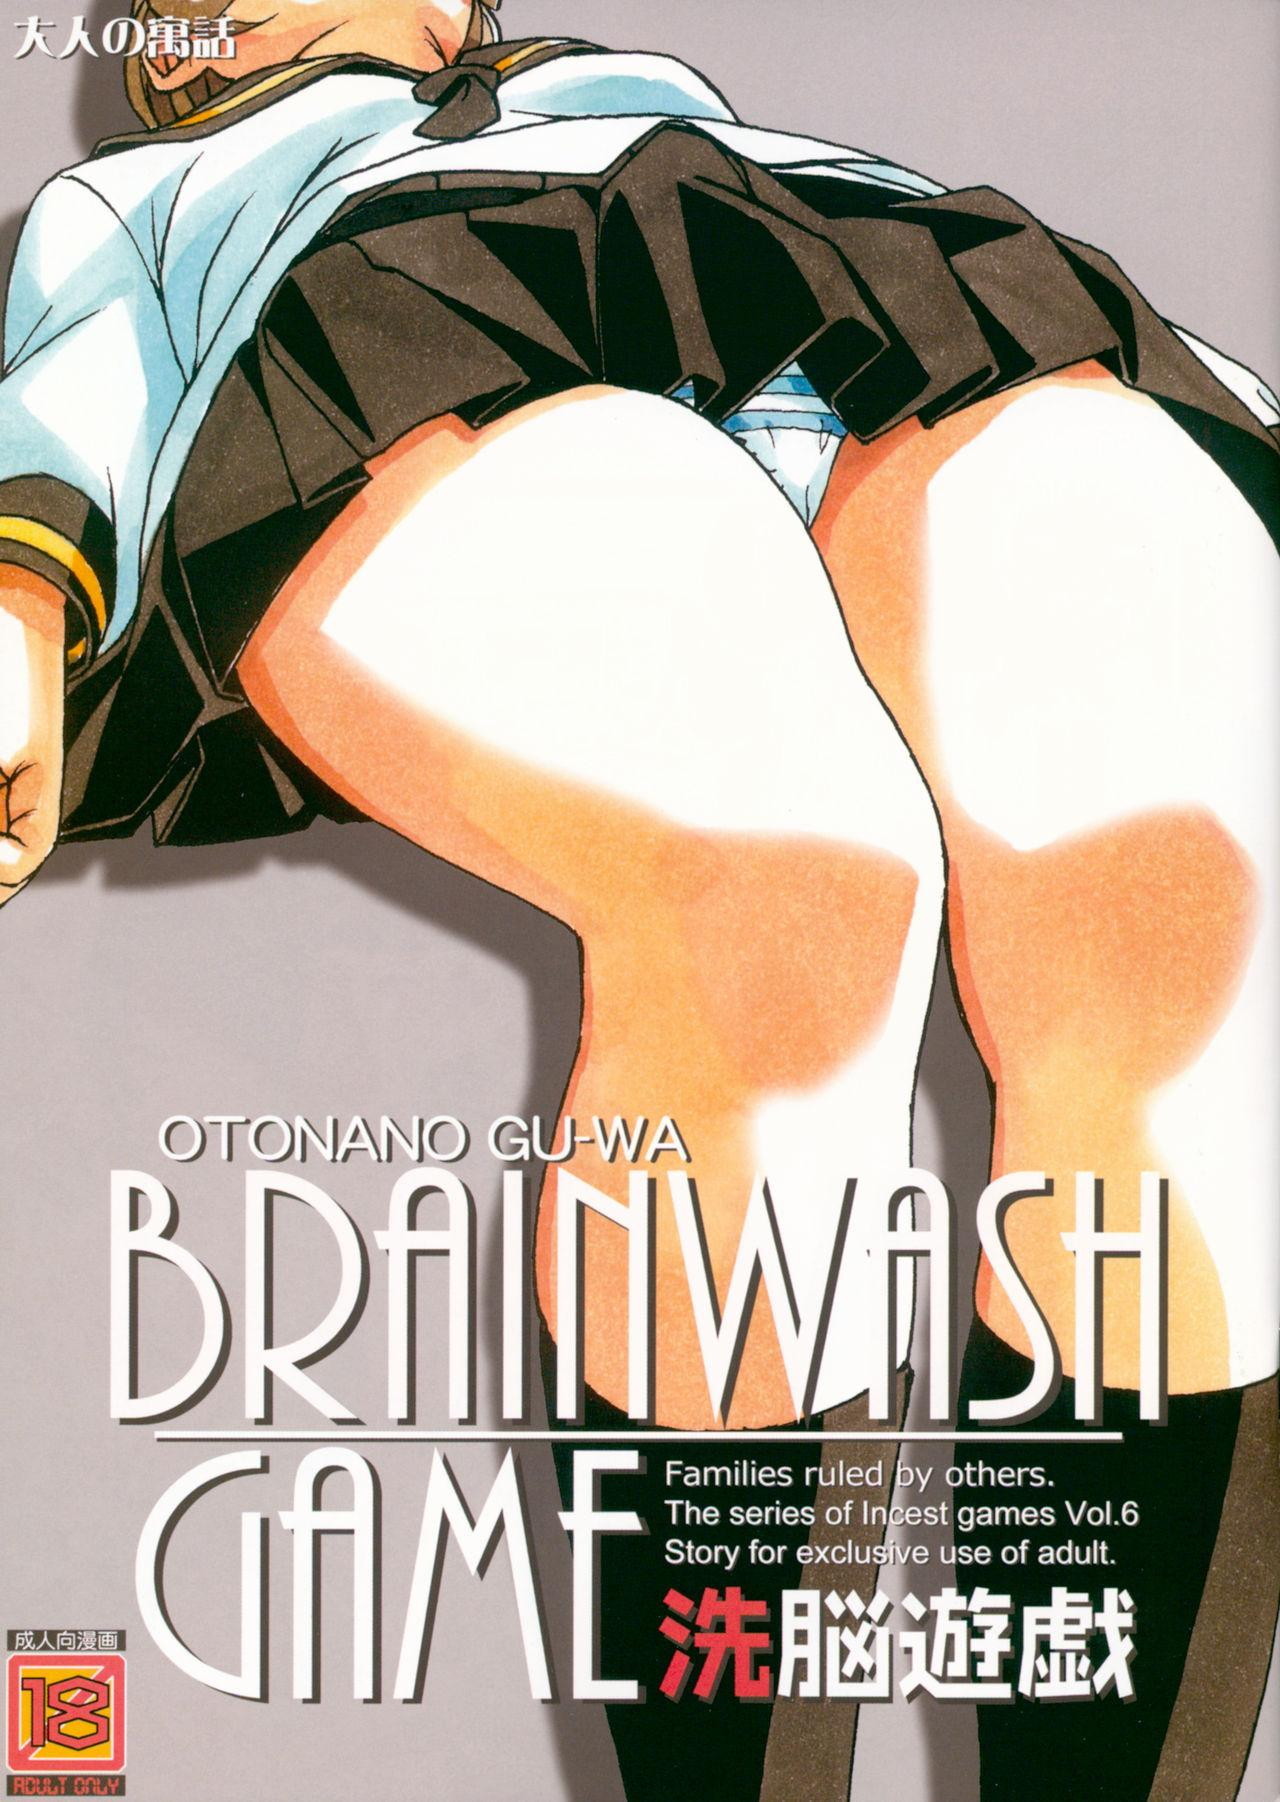 Sennou Yuugi - Brainwash Game 0